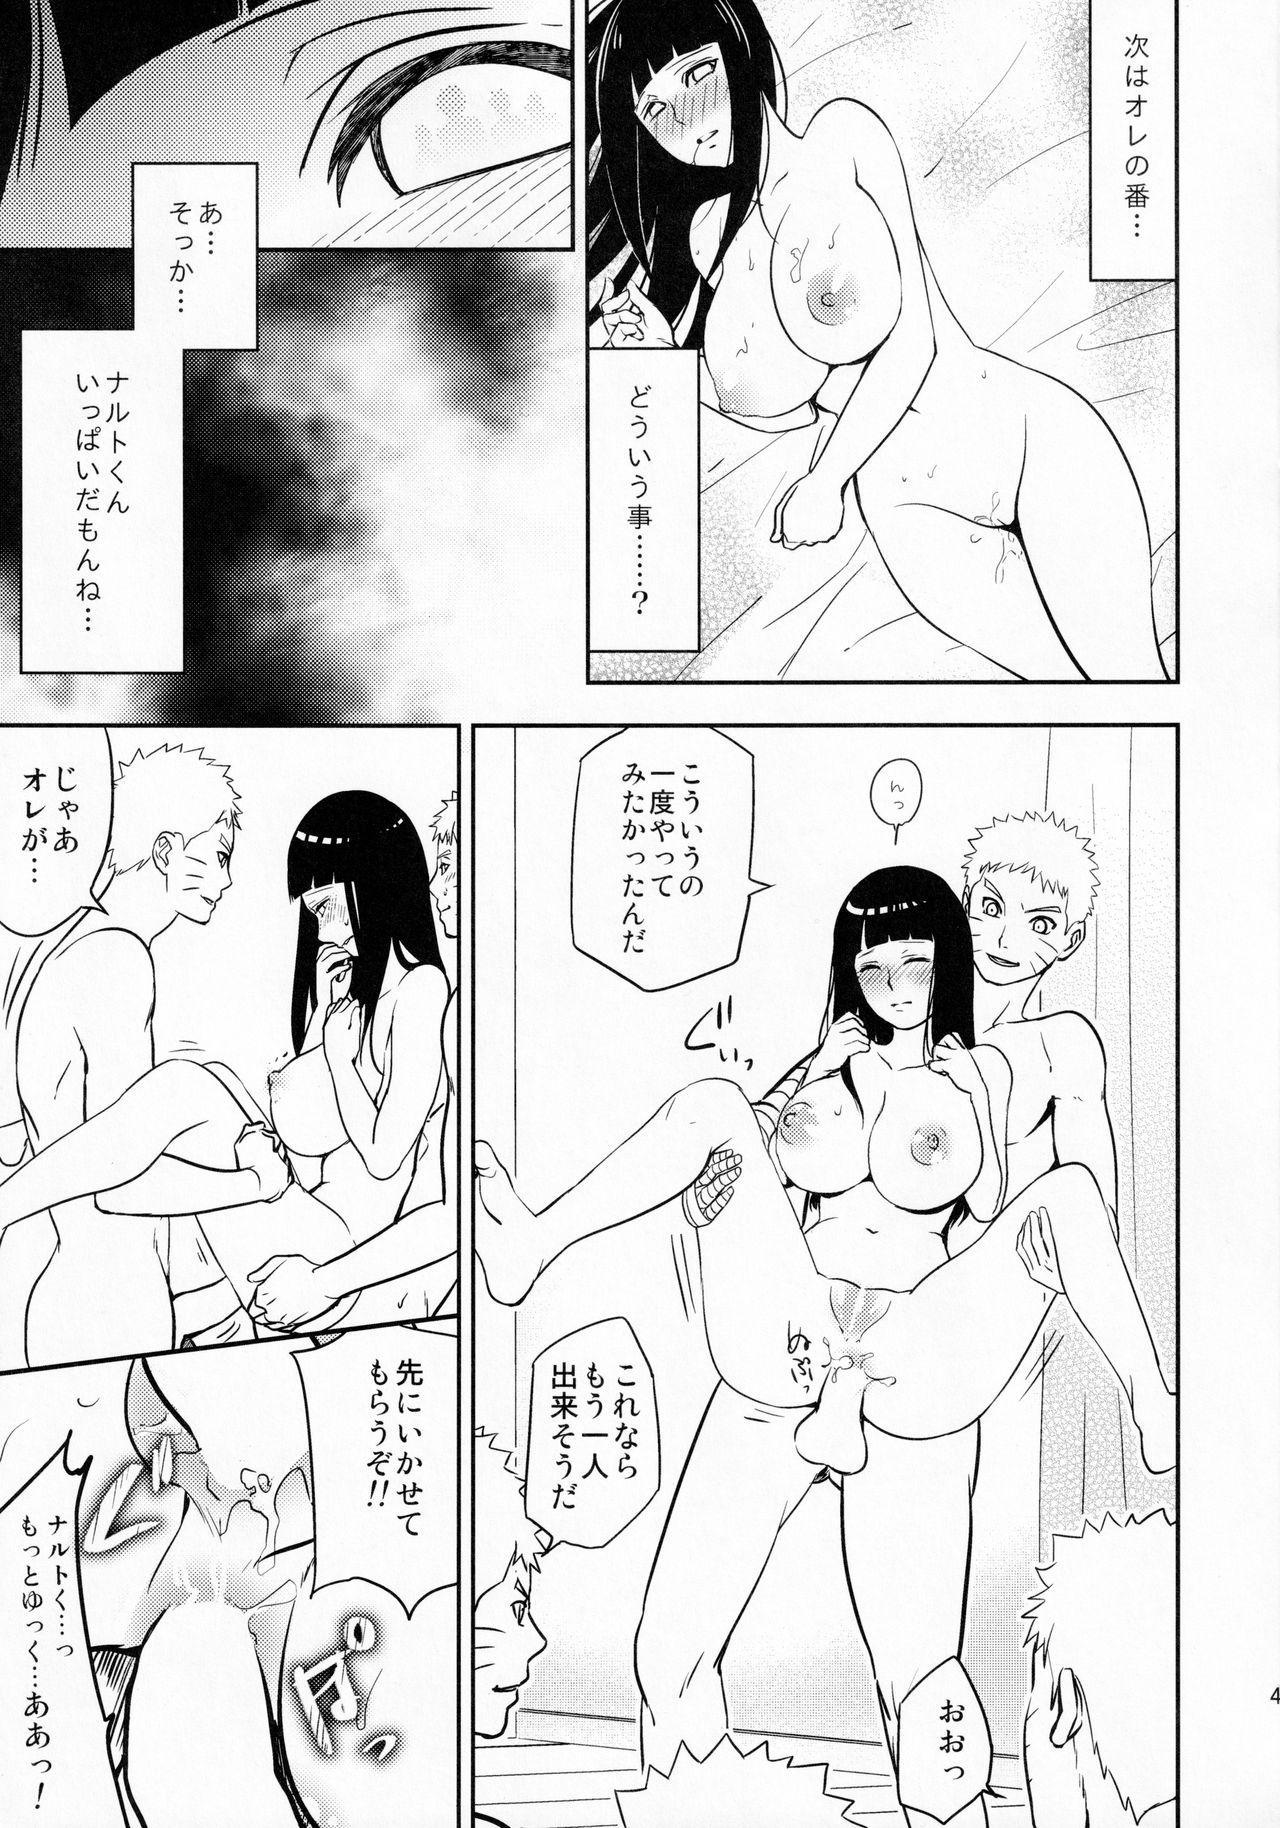 Naruto-kun ni Onegai Saretara Kotowarenai 41